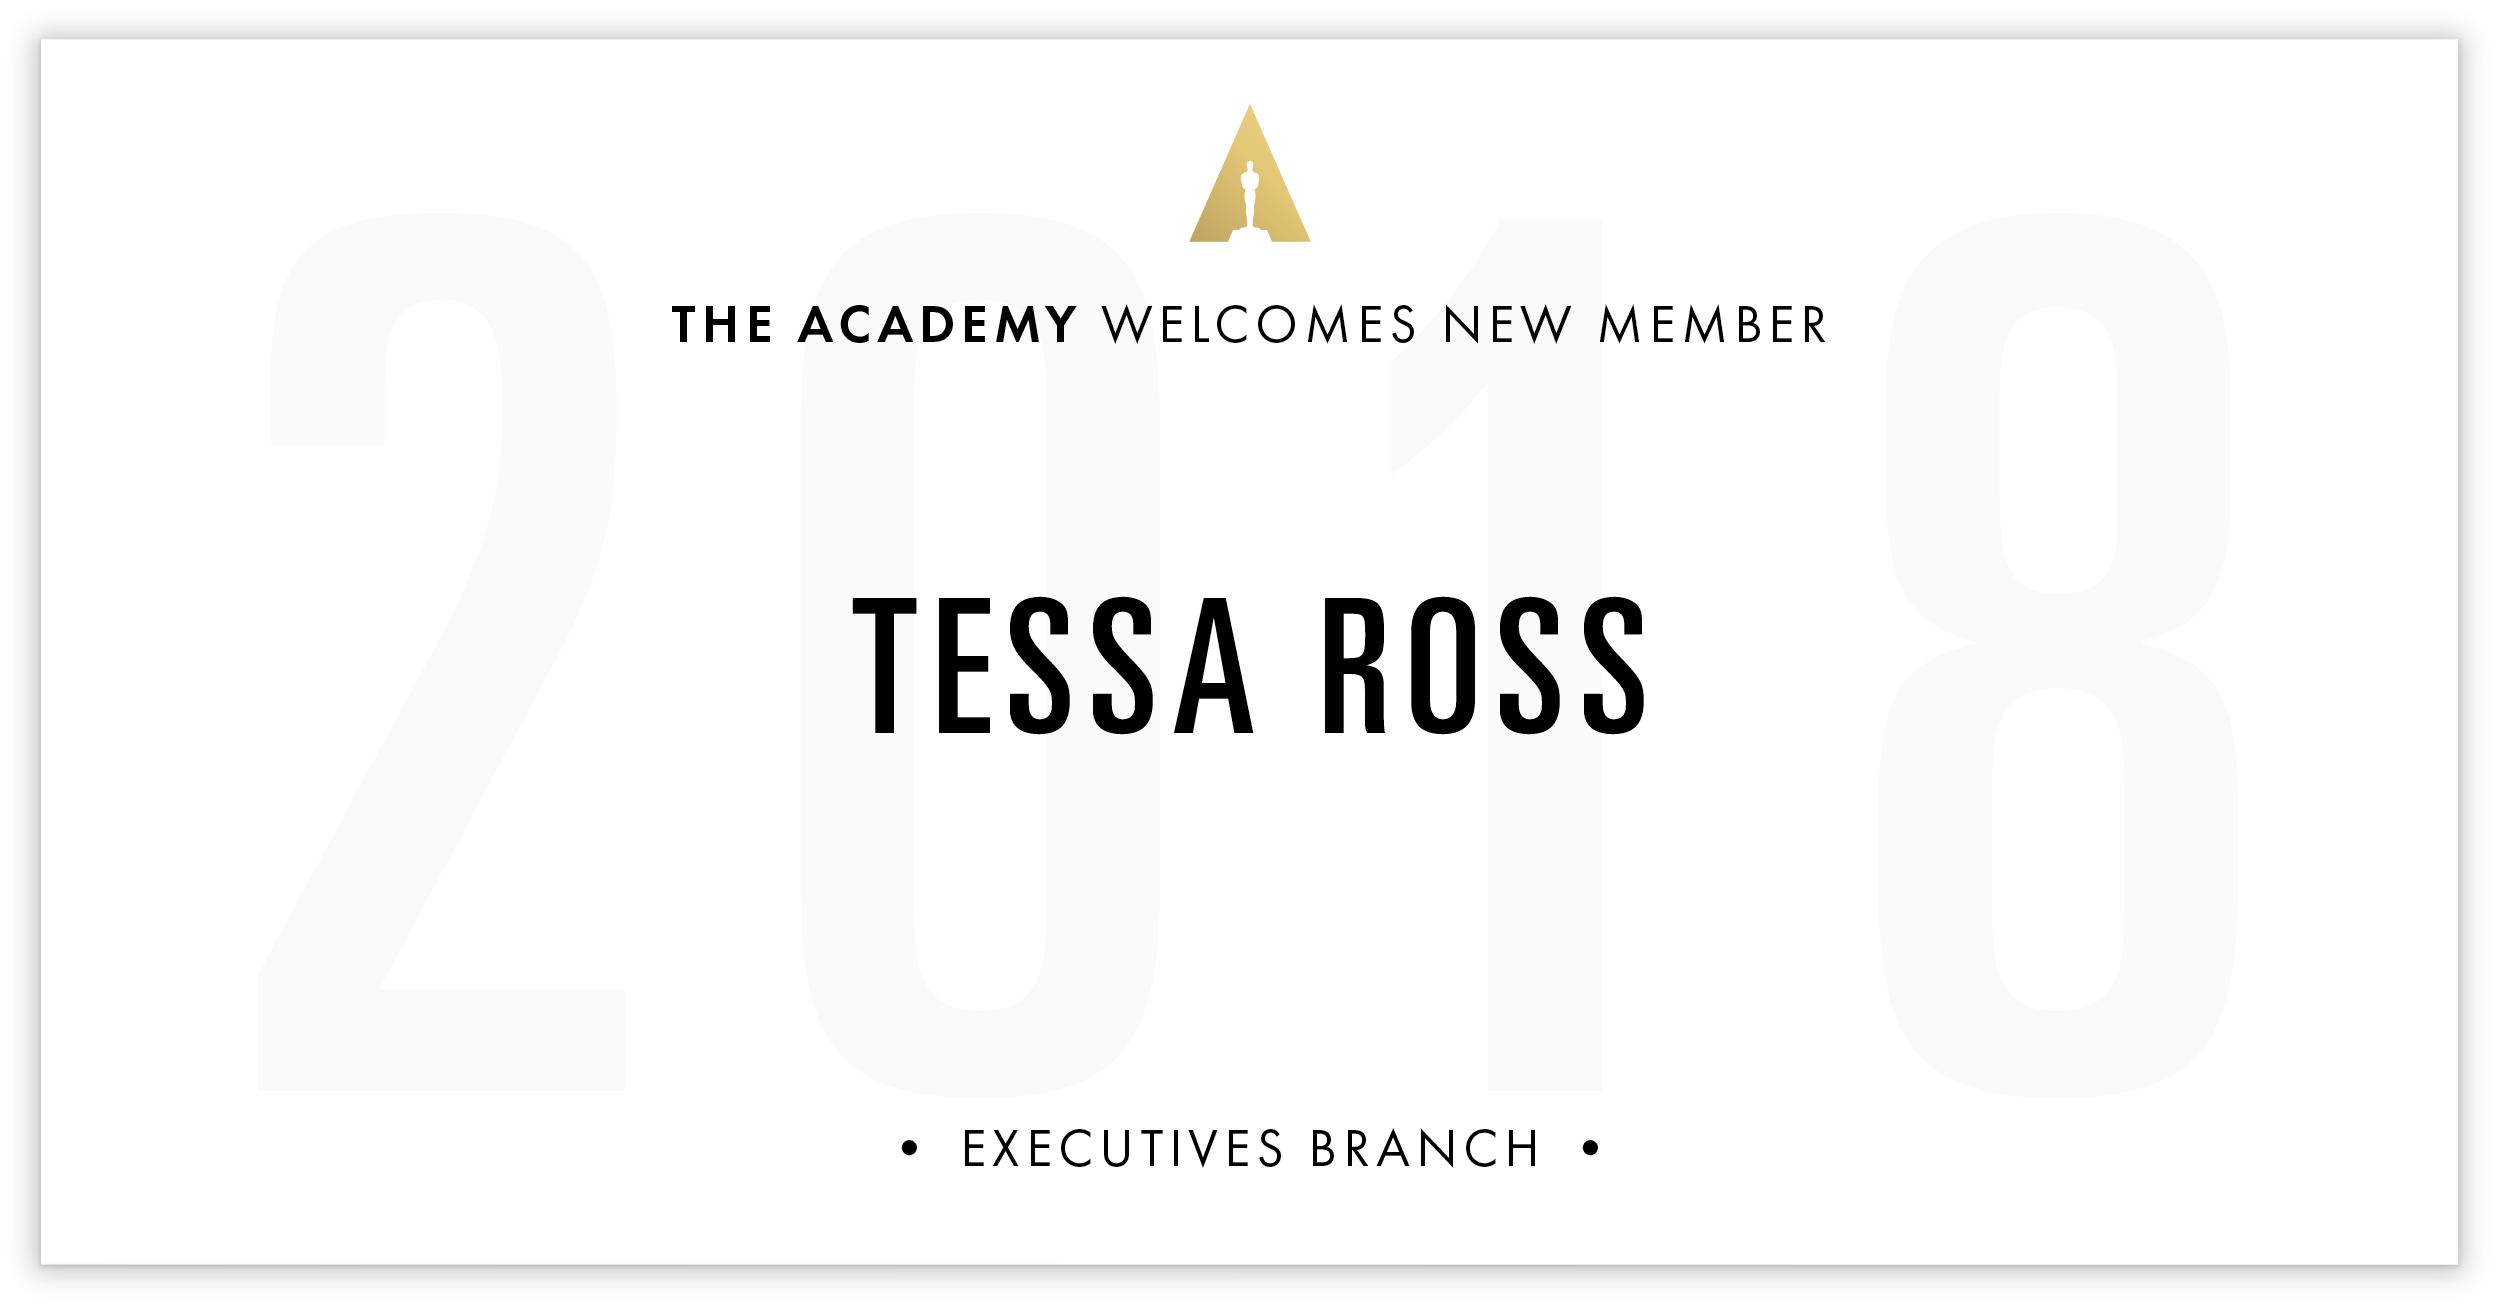 Tessa Ross is invited!